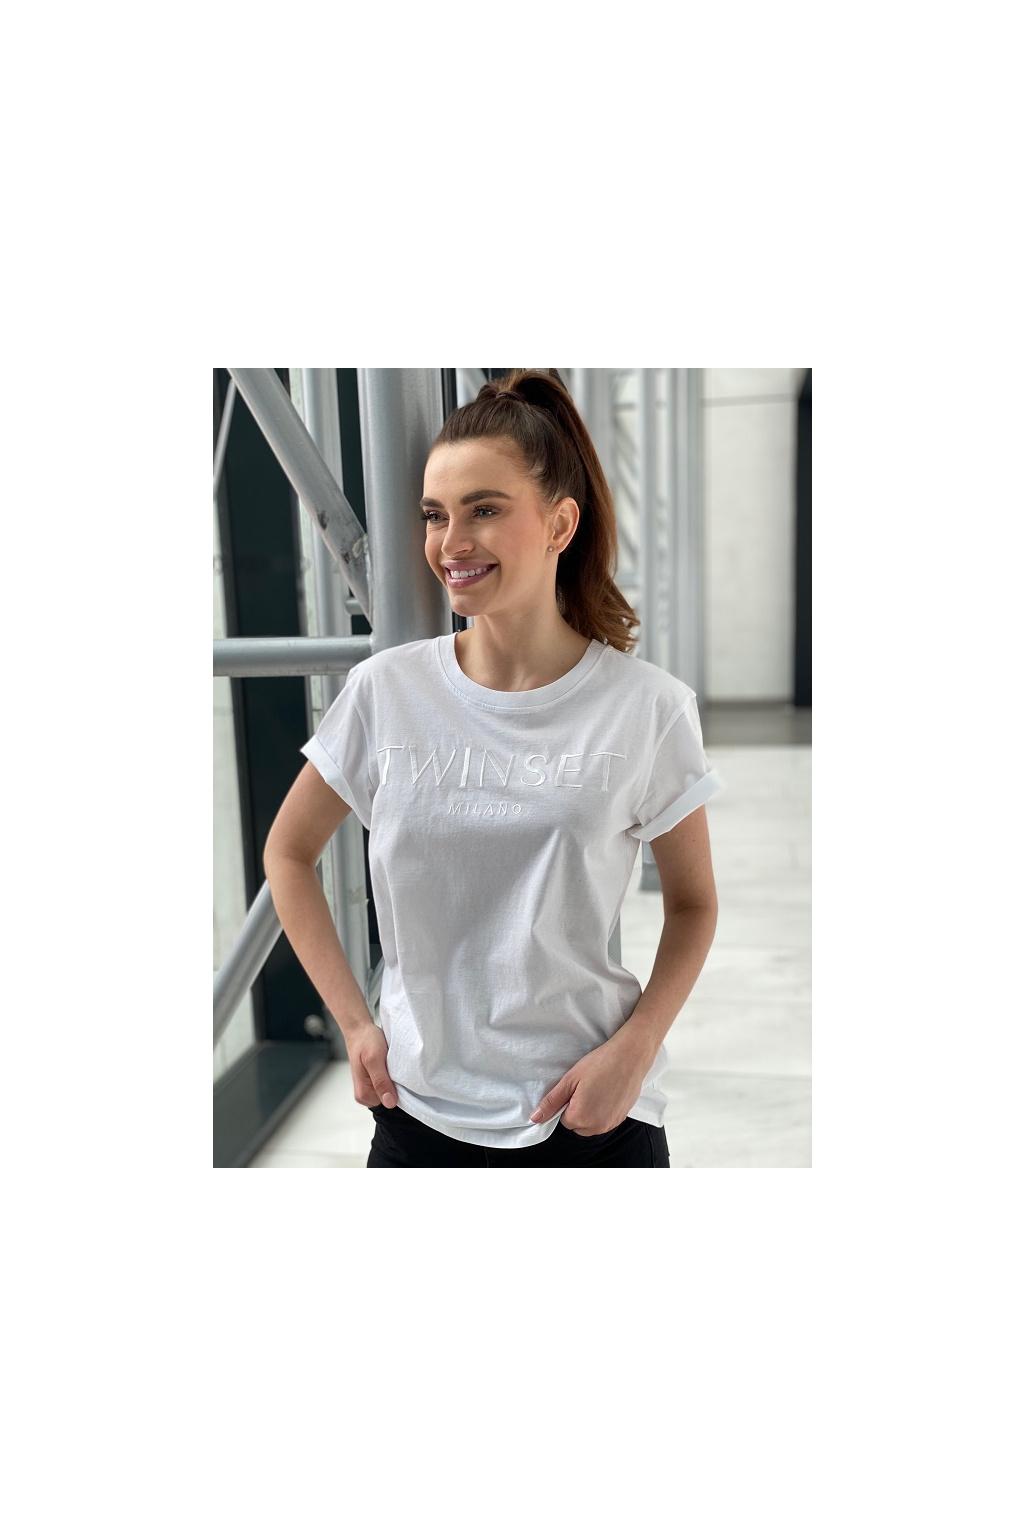 Dámské tričko Twinset 211TT2230 bílé